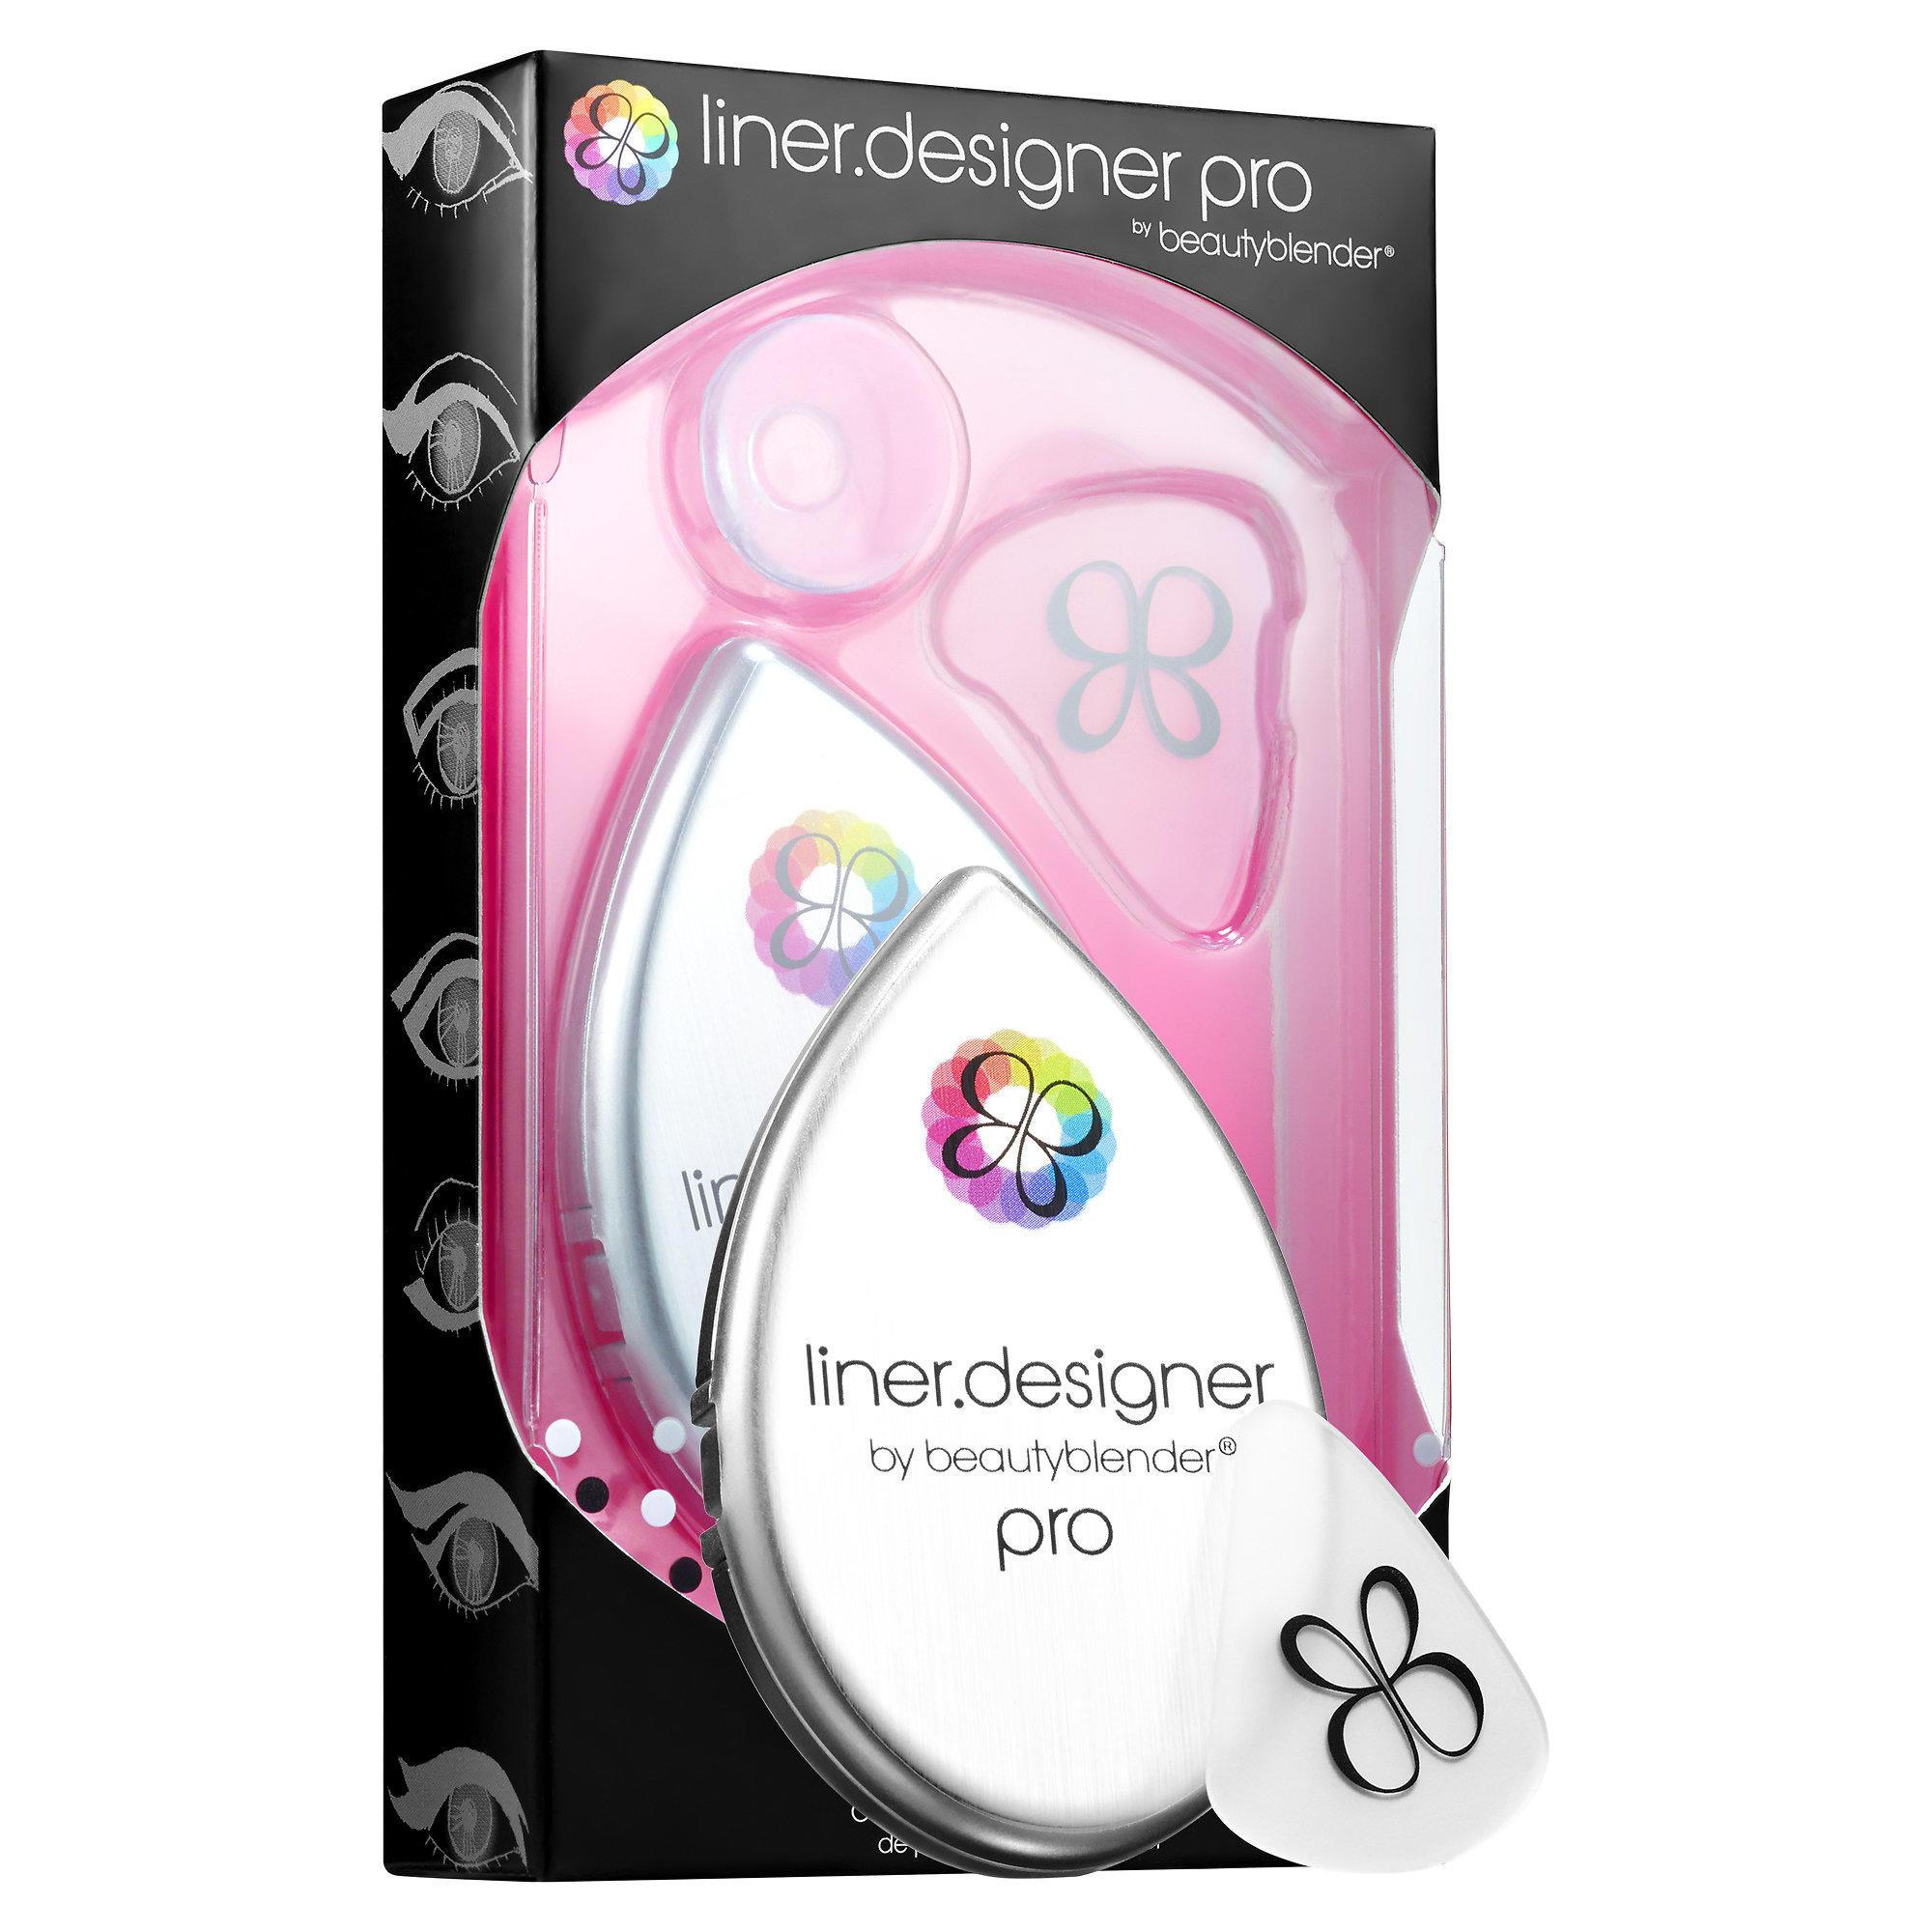 beautyblender Liner.Designer Pro